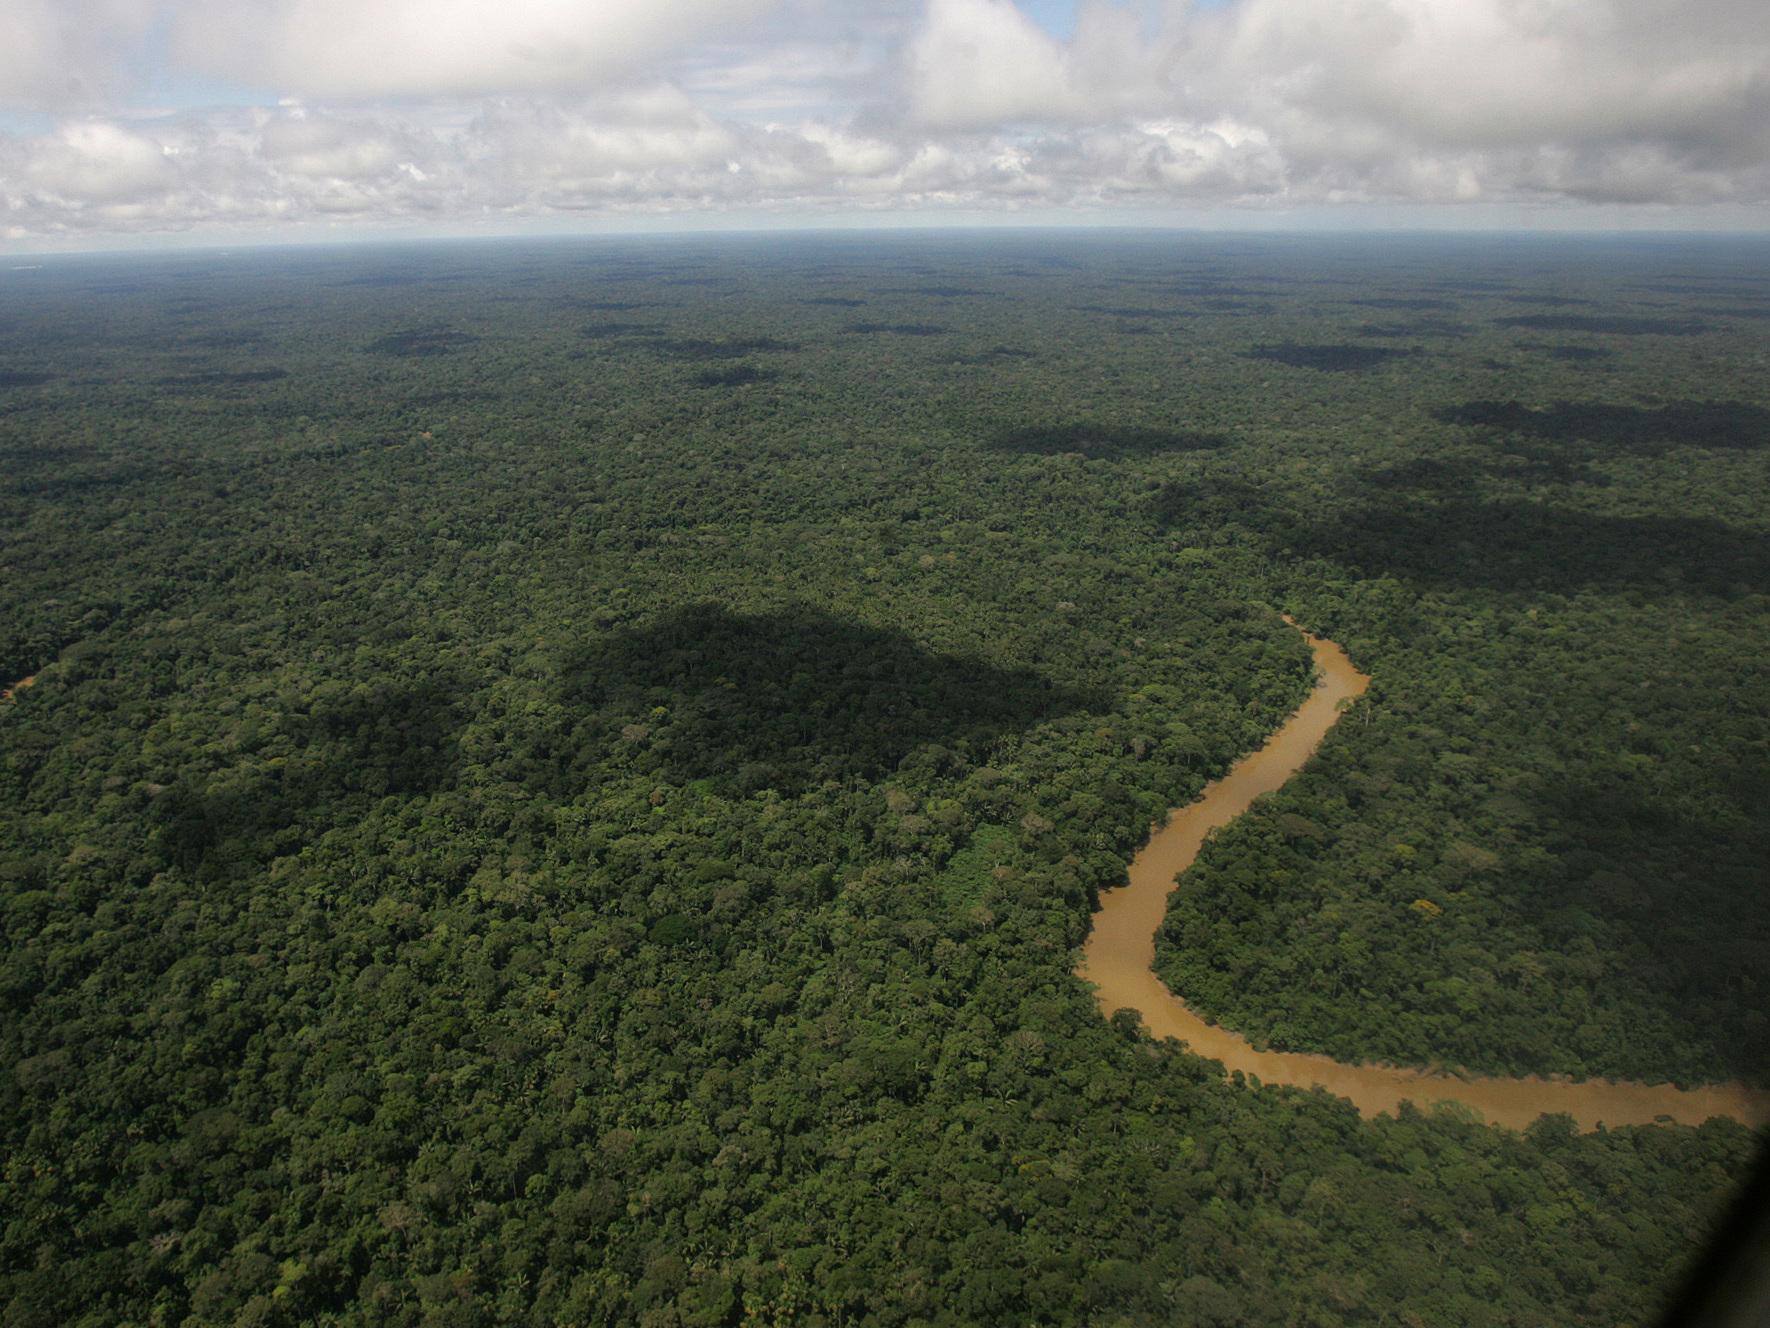 Ecuador To World: Pay Up To Save The Rainforest. World To Ecuador: Meh.